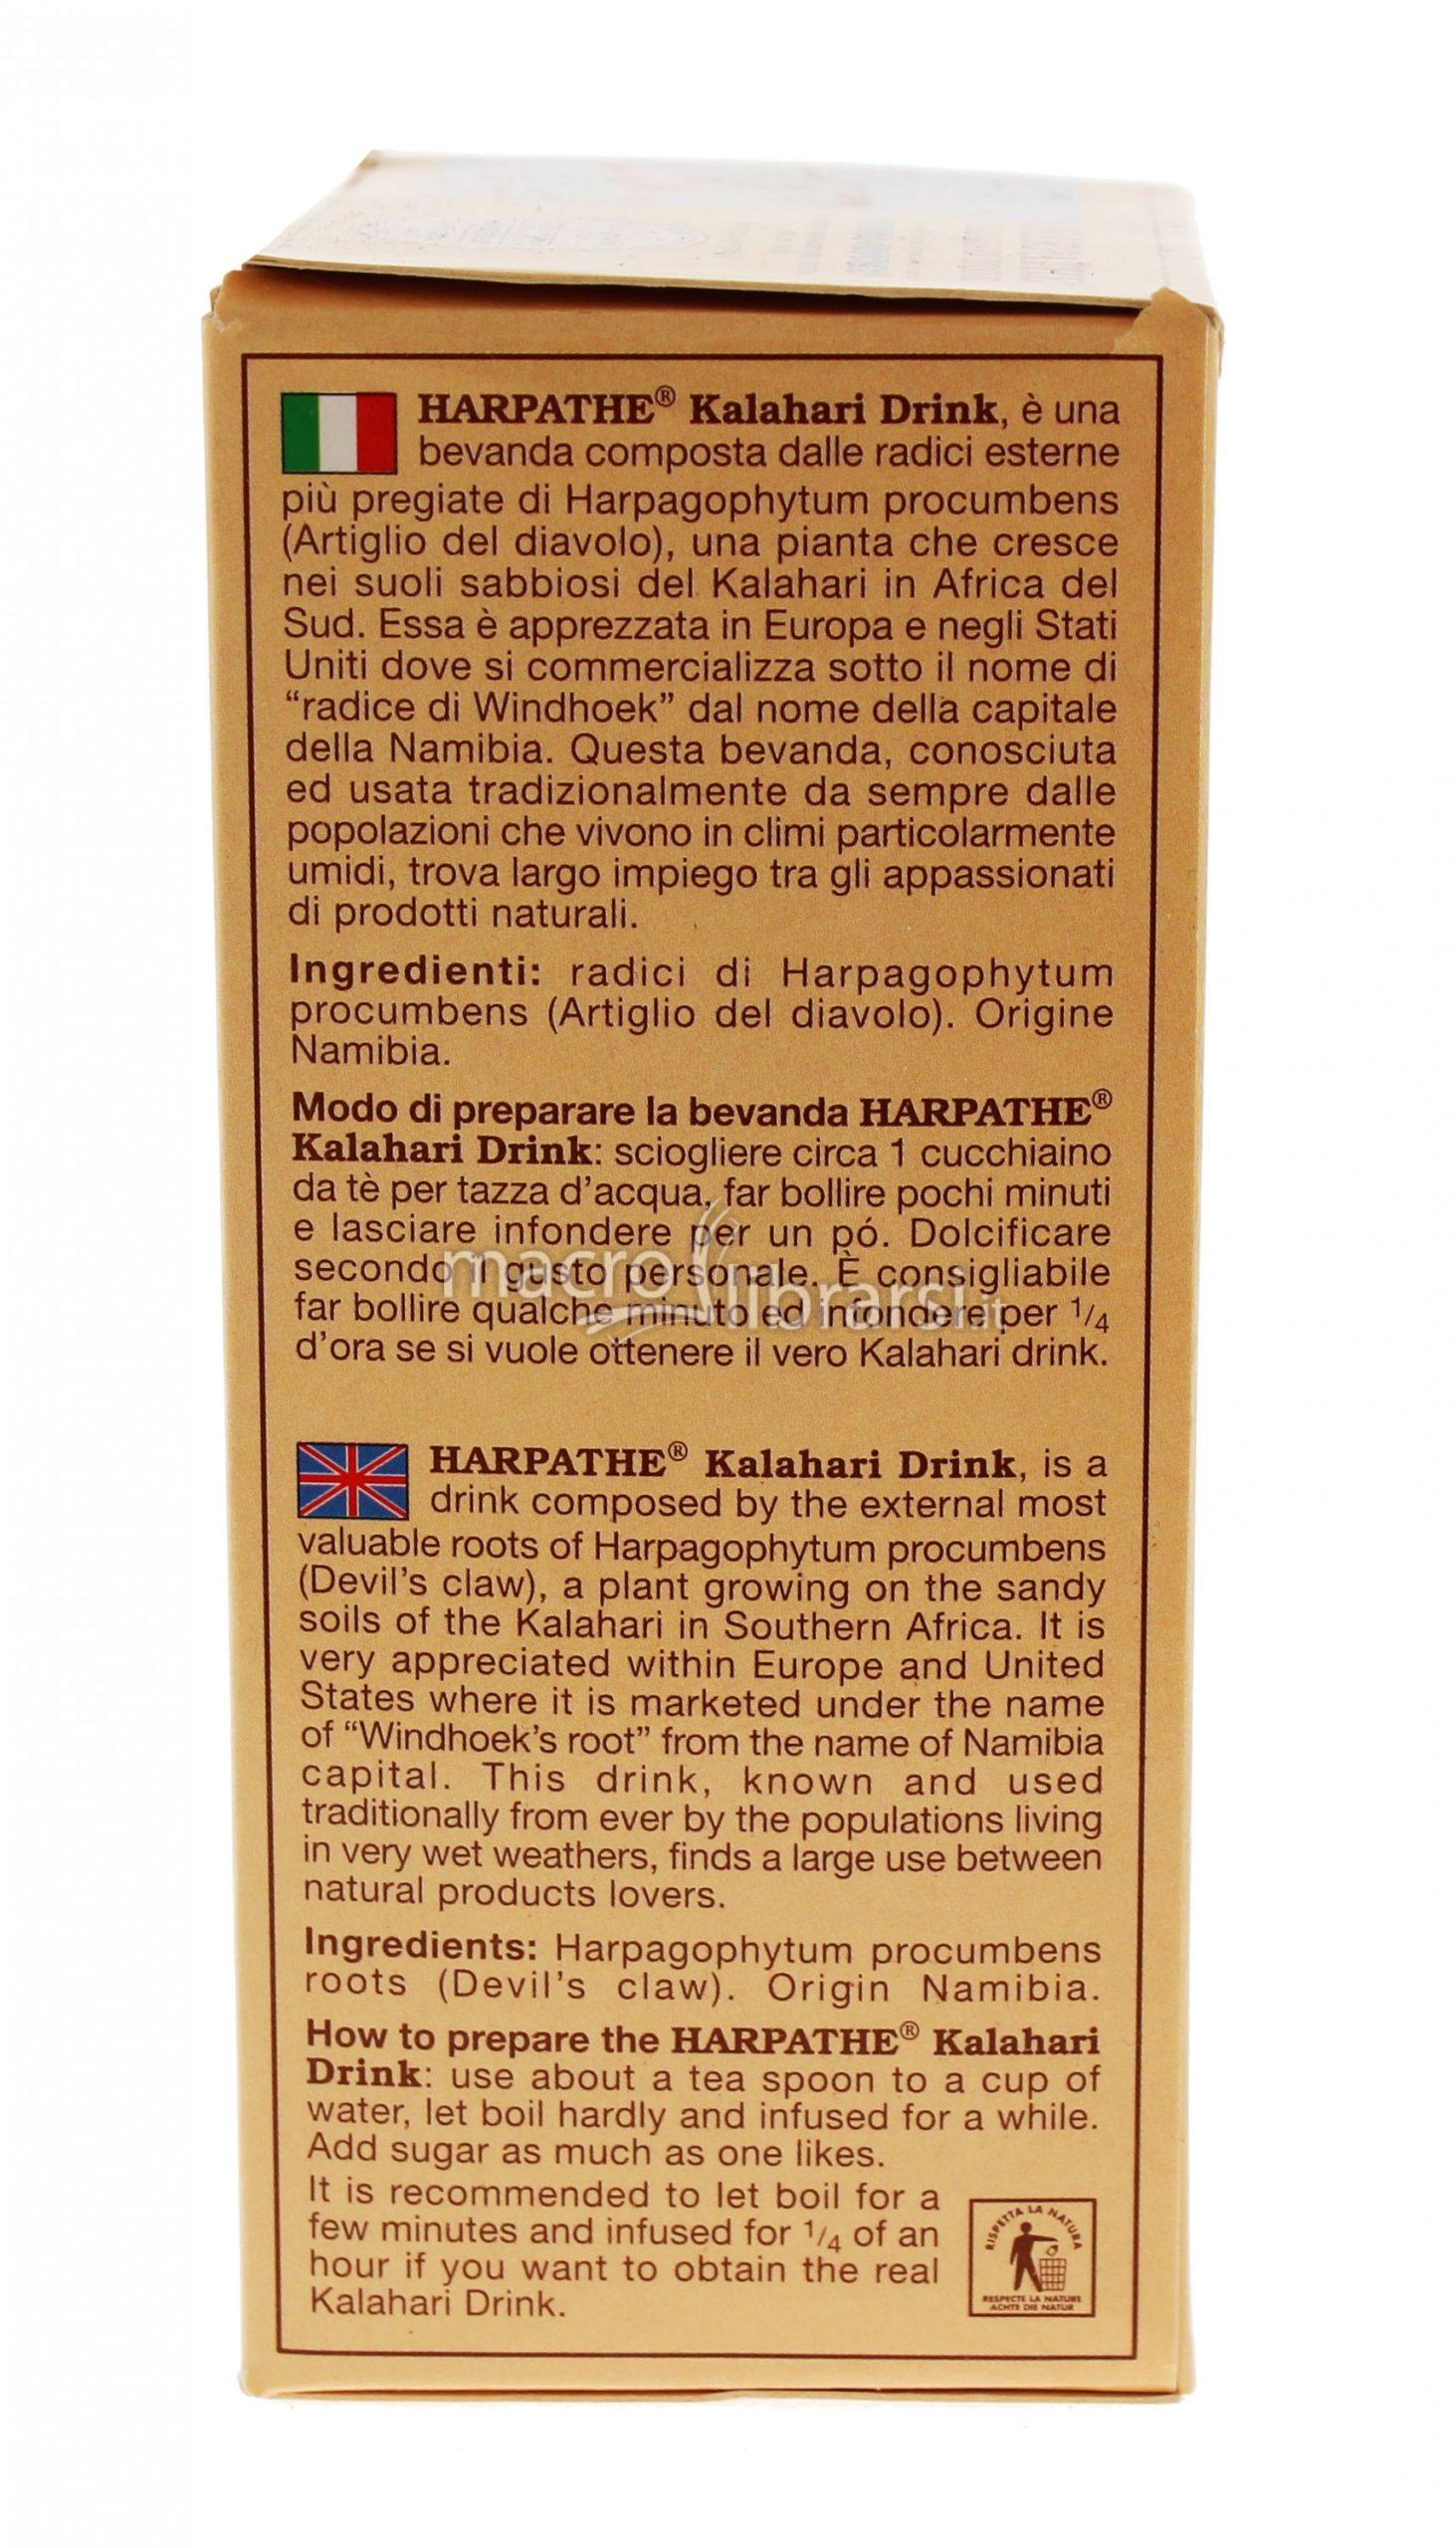 Centro Zohar - Harpathe Kalahari Drink